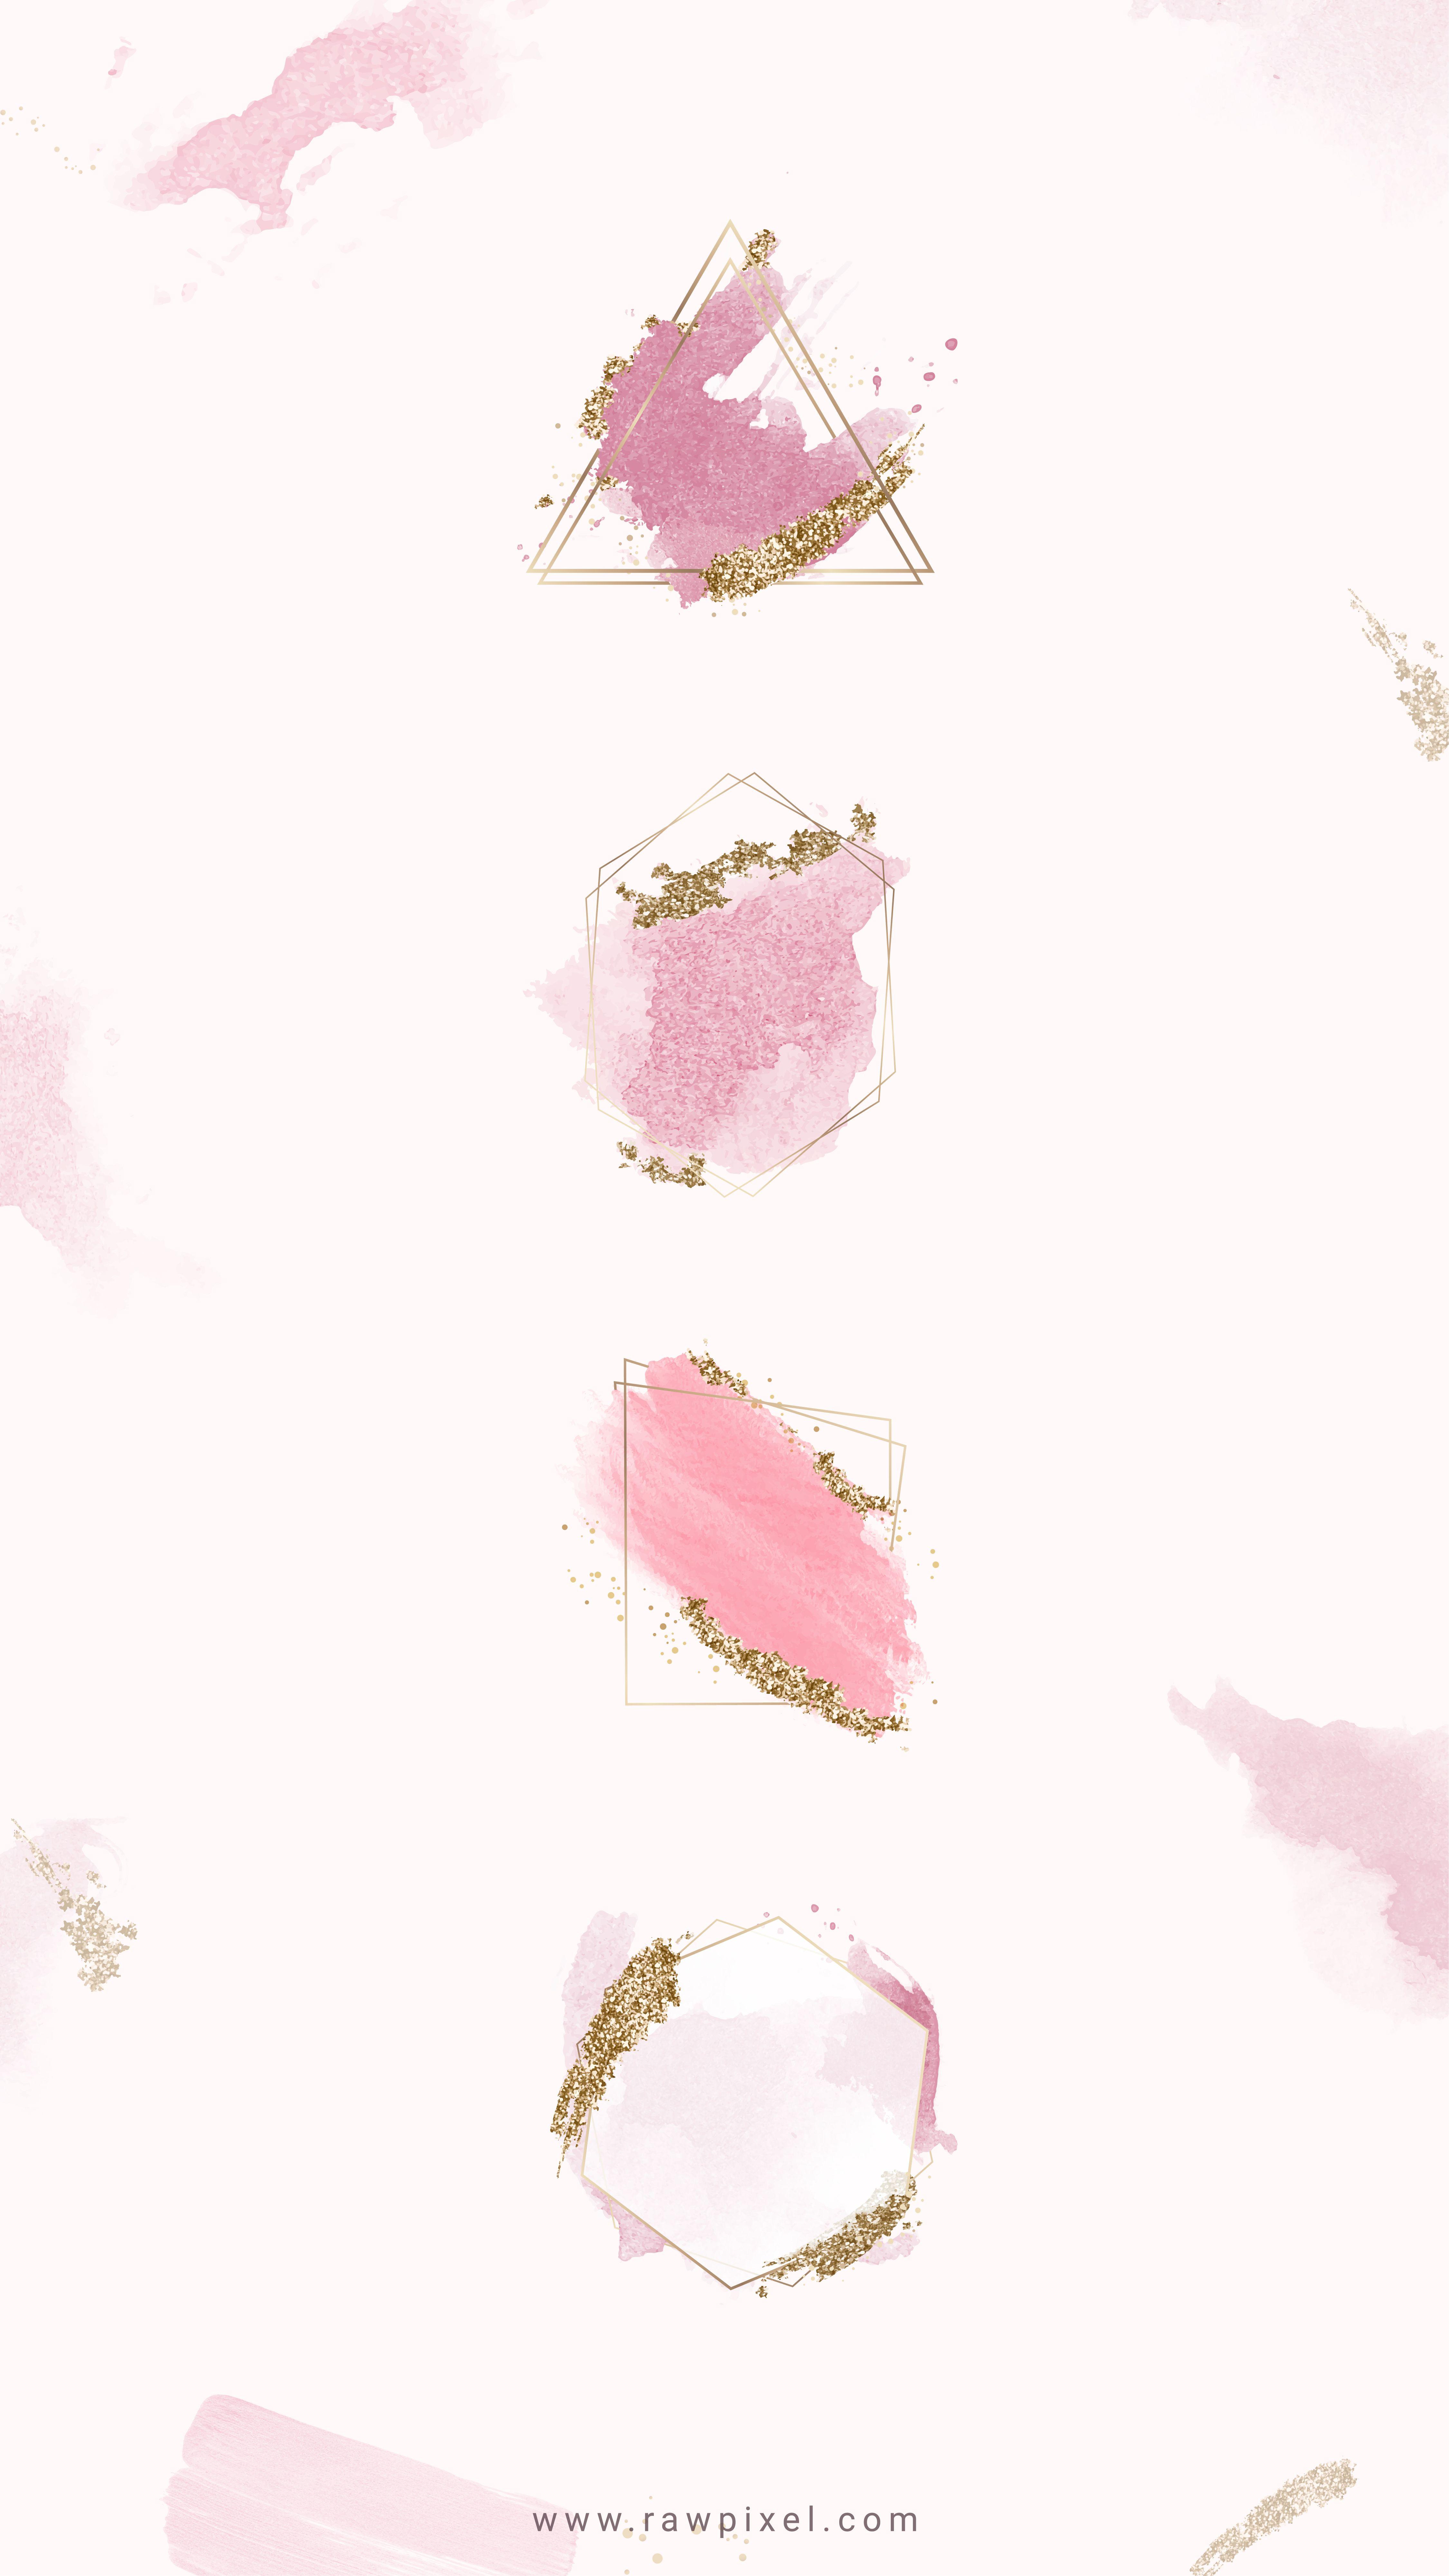 Download premium illustration of Gold frames on pink